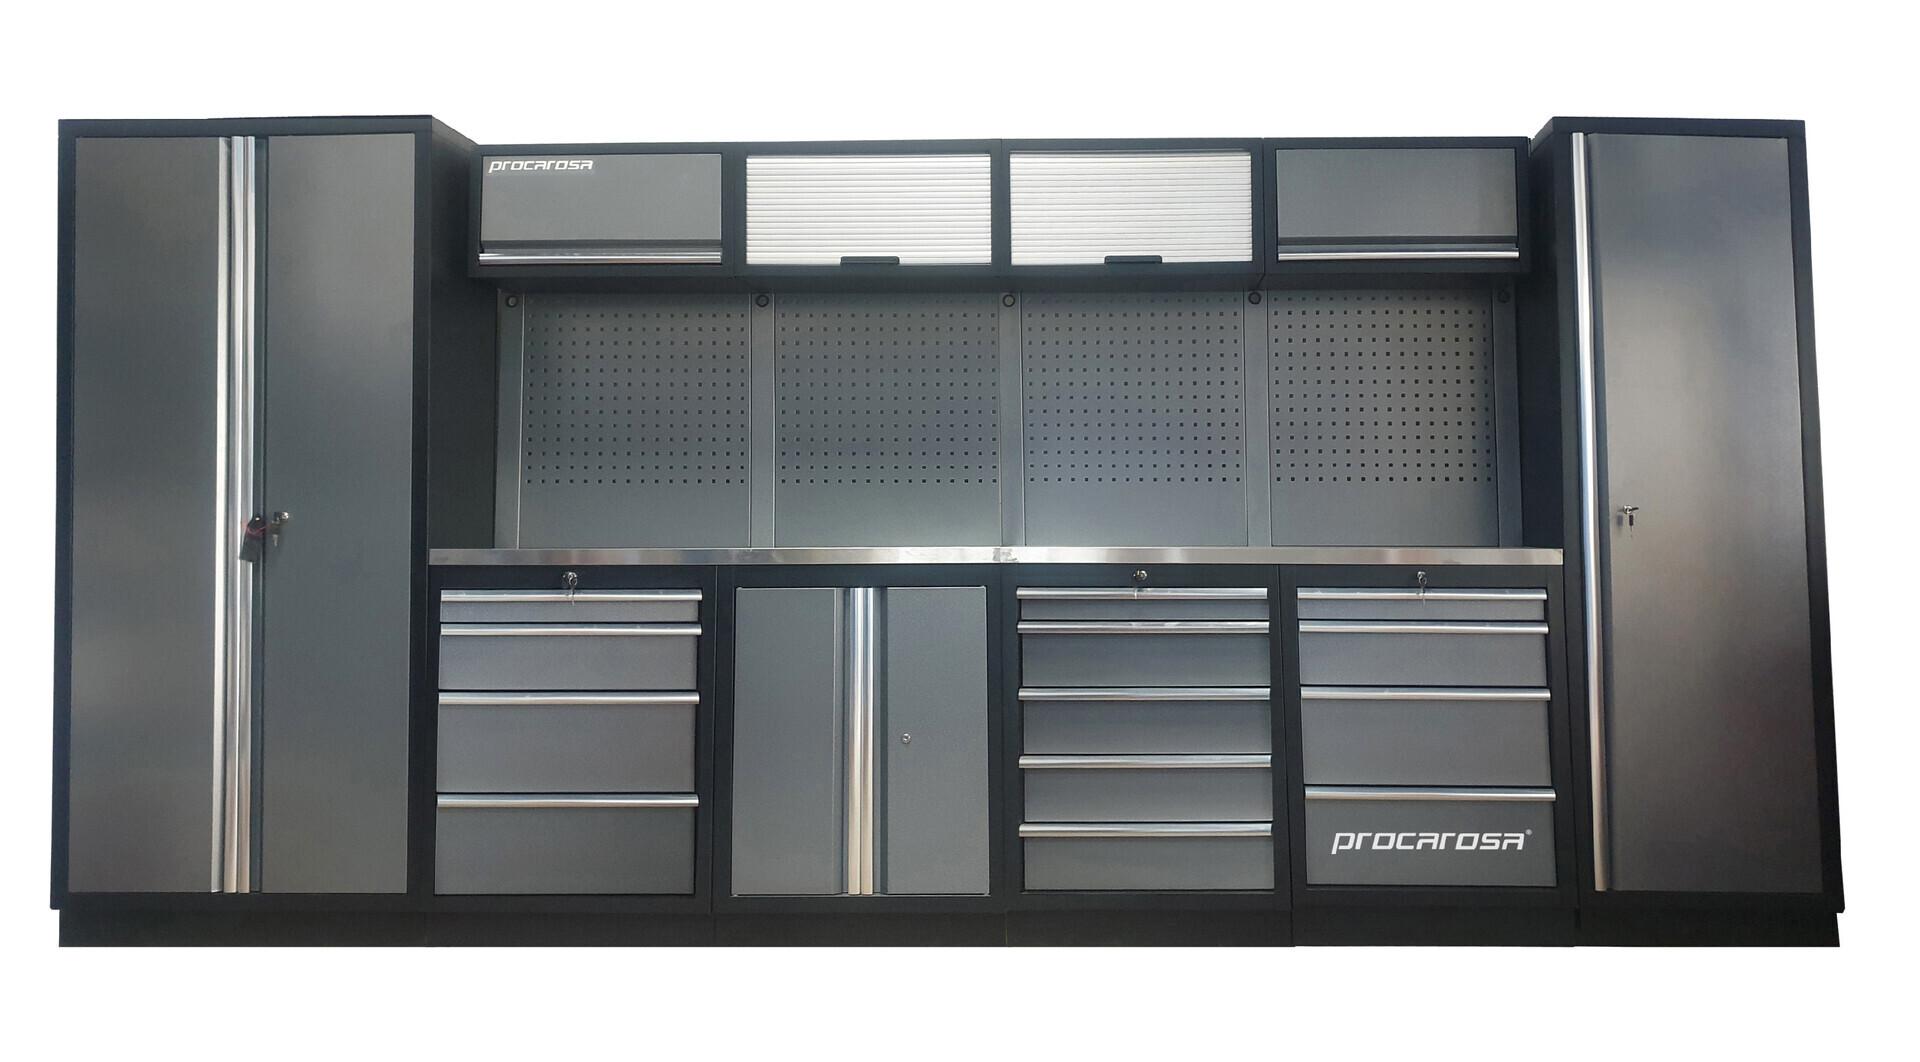 Sestava dílenského nábytku Procarosa PROFESSIONAL XL-4 Pracovní deska: nerezová, Hmotnost: